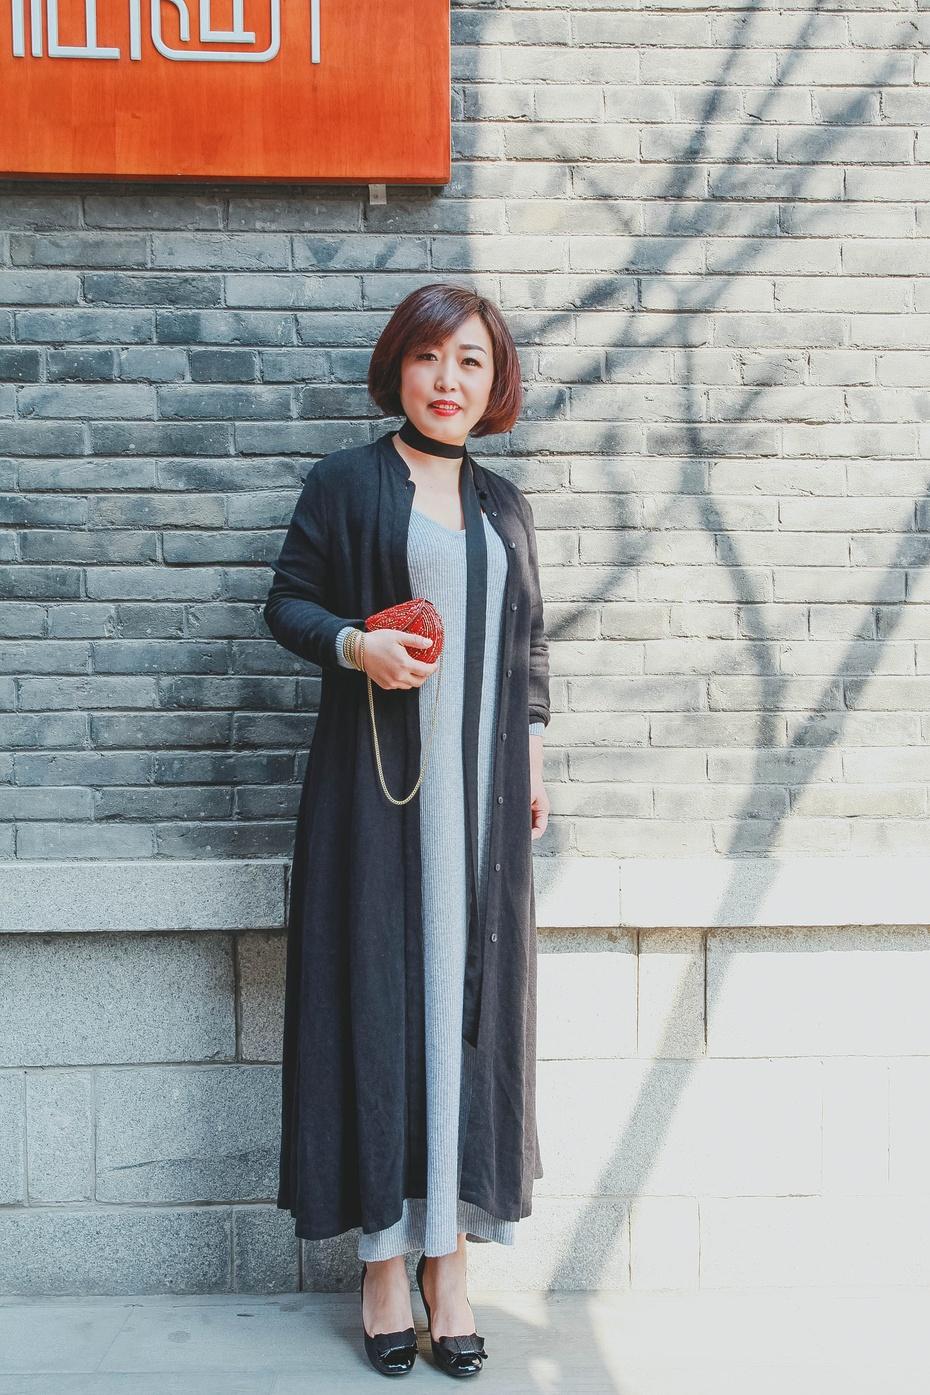 老美女才真稀罕 - yushunshun - 鱼顺顺的博客